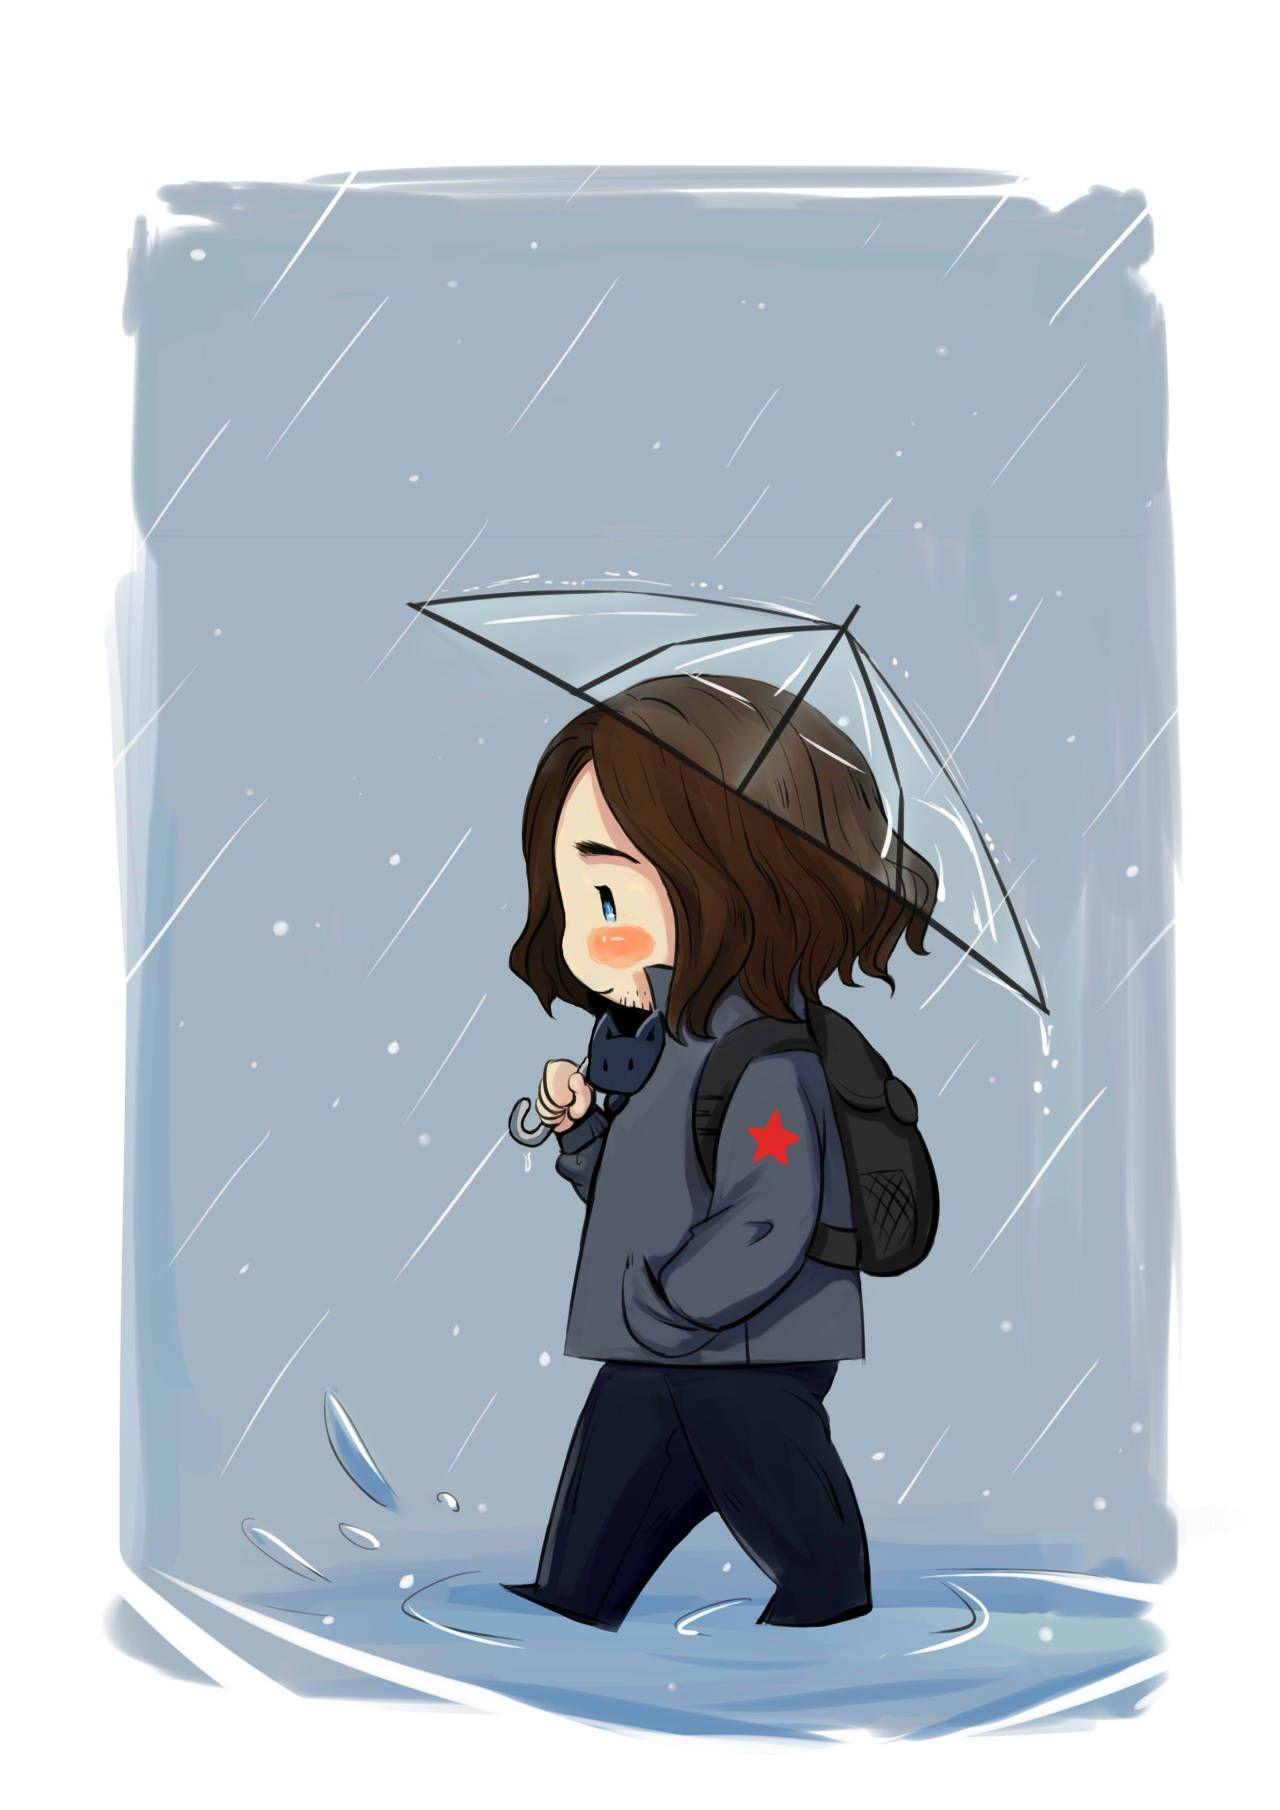 HELLO — rainy day umbrella a happy bucky | Heroes | Bucky barnes